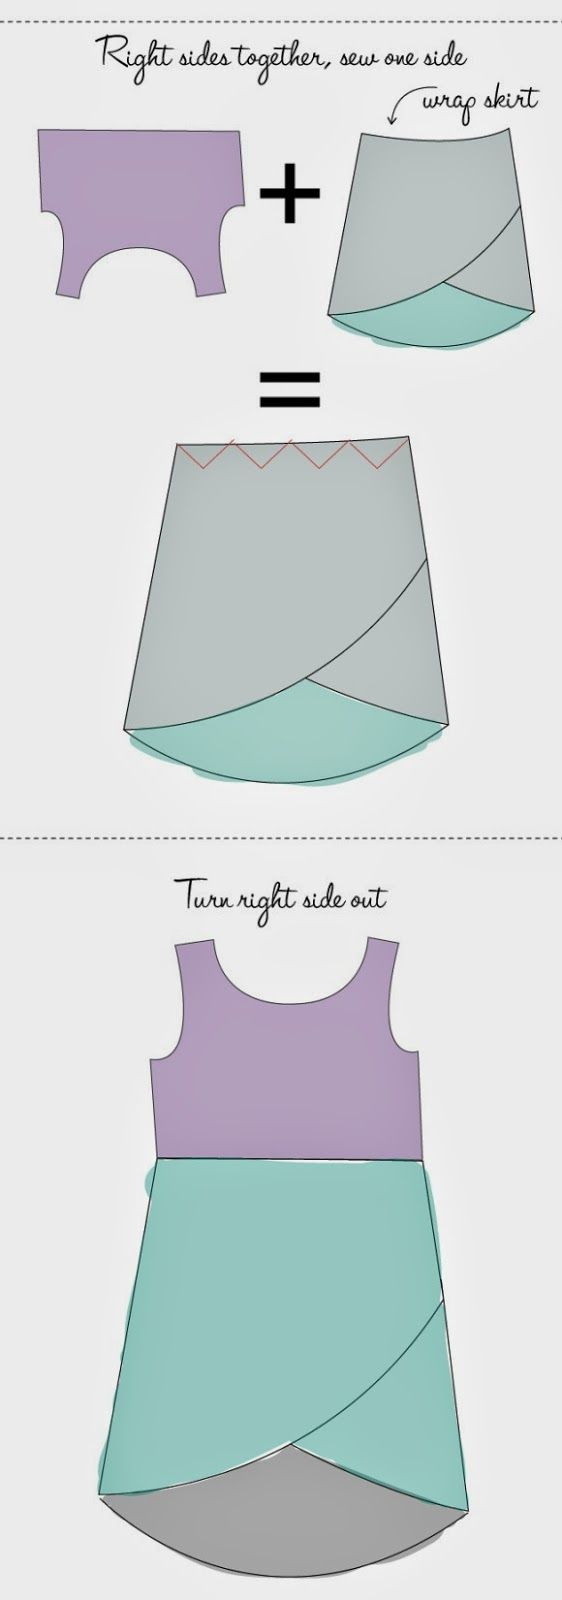 La Porta Magica - Ve a la moda cosiendo tu propia ropa. Blog de costura facil.: Patrones muy sencilllos para resultados espectaculares...